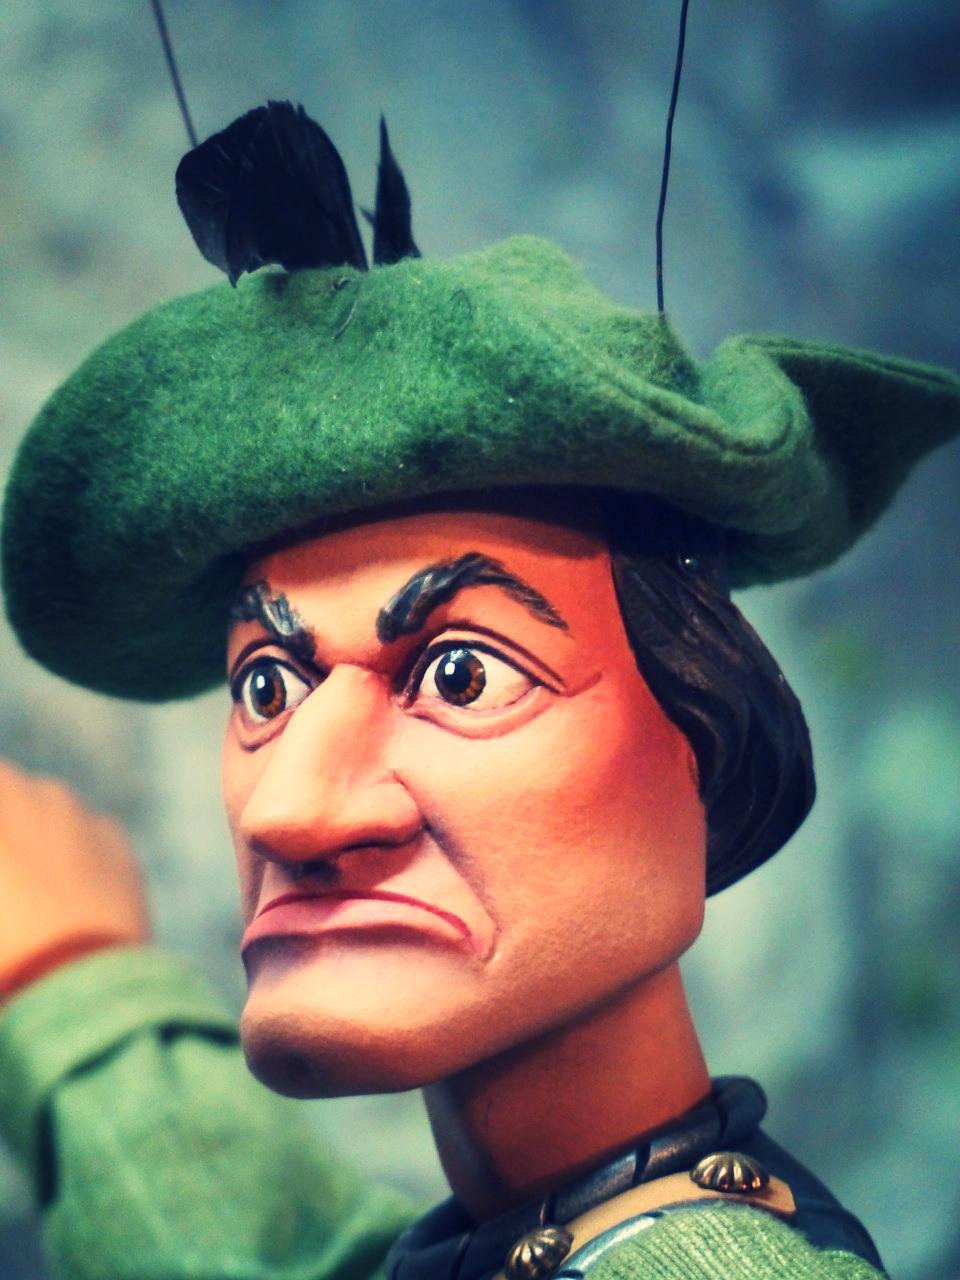 puppet-122912_1280.jpg